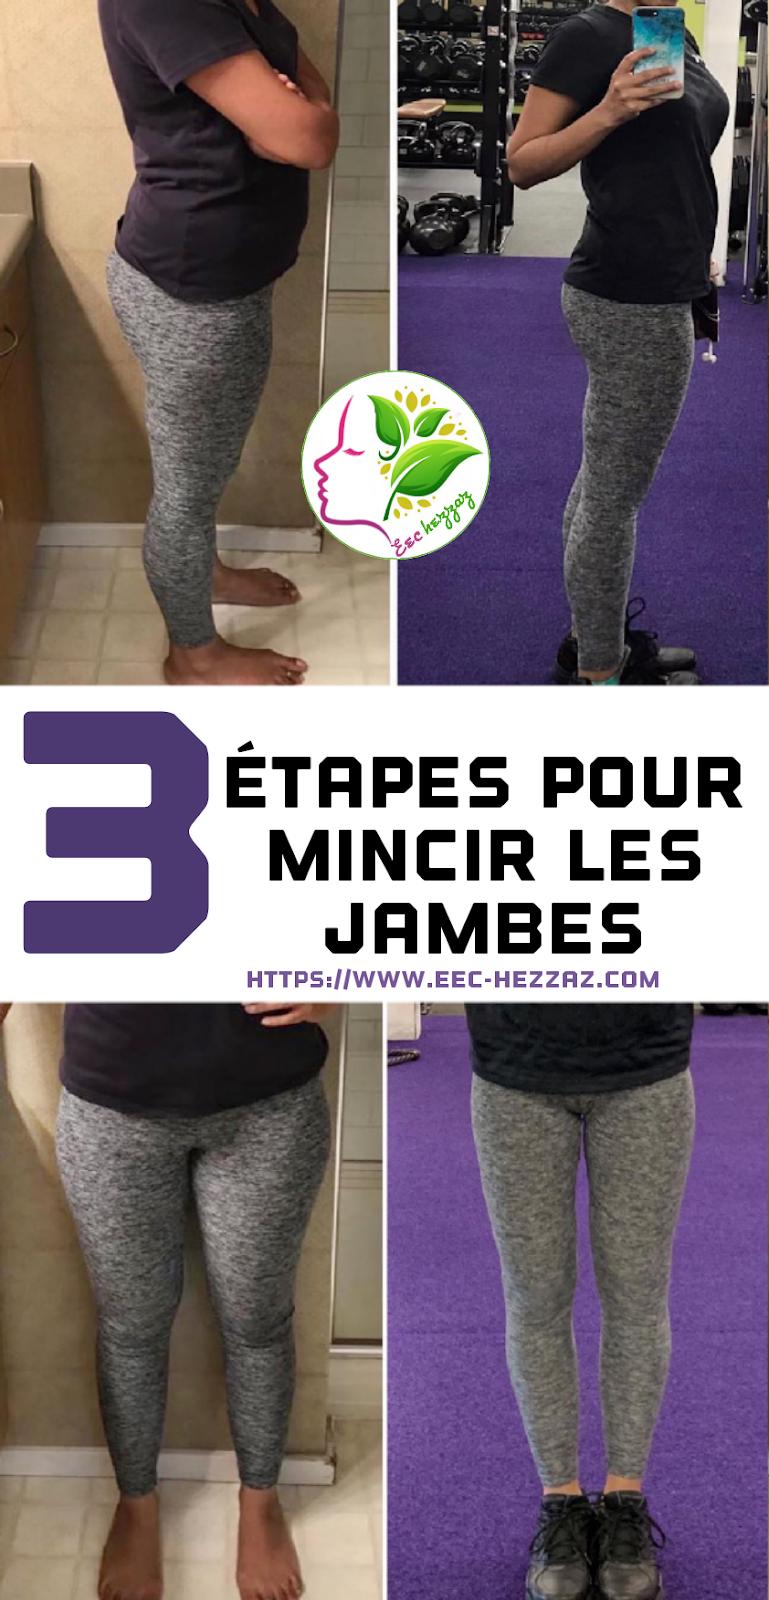 3 étapes pour mincir les jambes